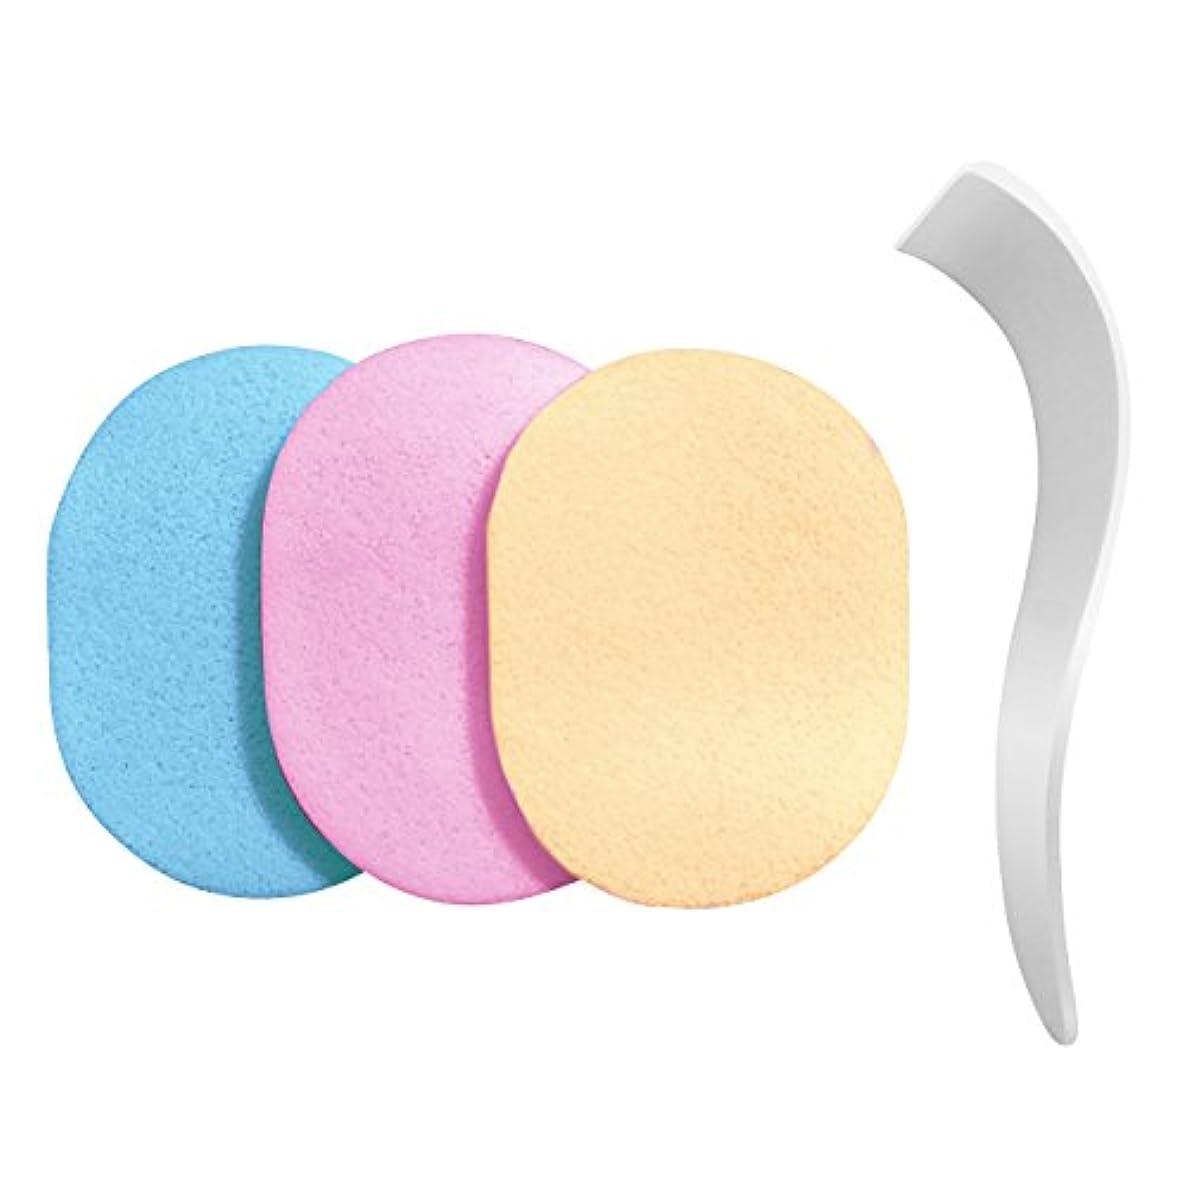 古くなった飛び込む警戒【除毛用】s-fit 専用ヘラ スポンジ 洗って使える 3色セット 100%PVA 除毛クリーム専用 メンズ レディース